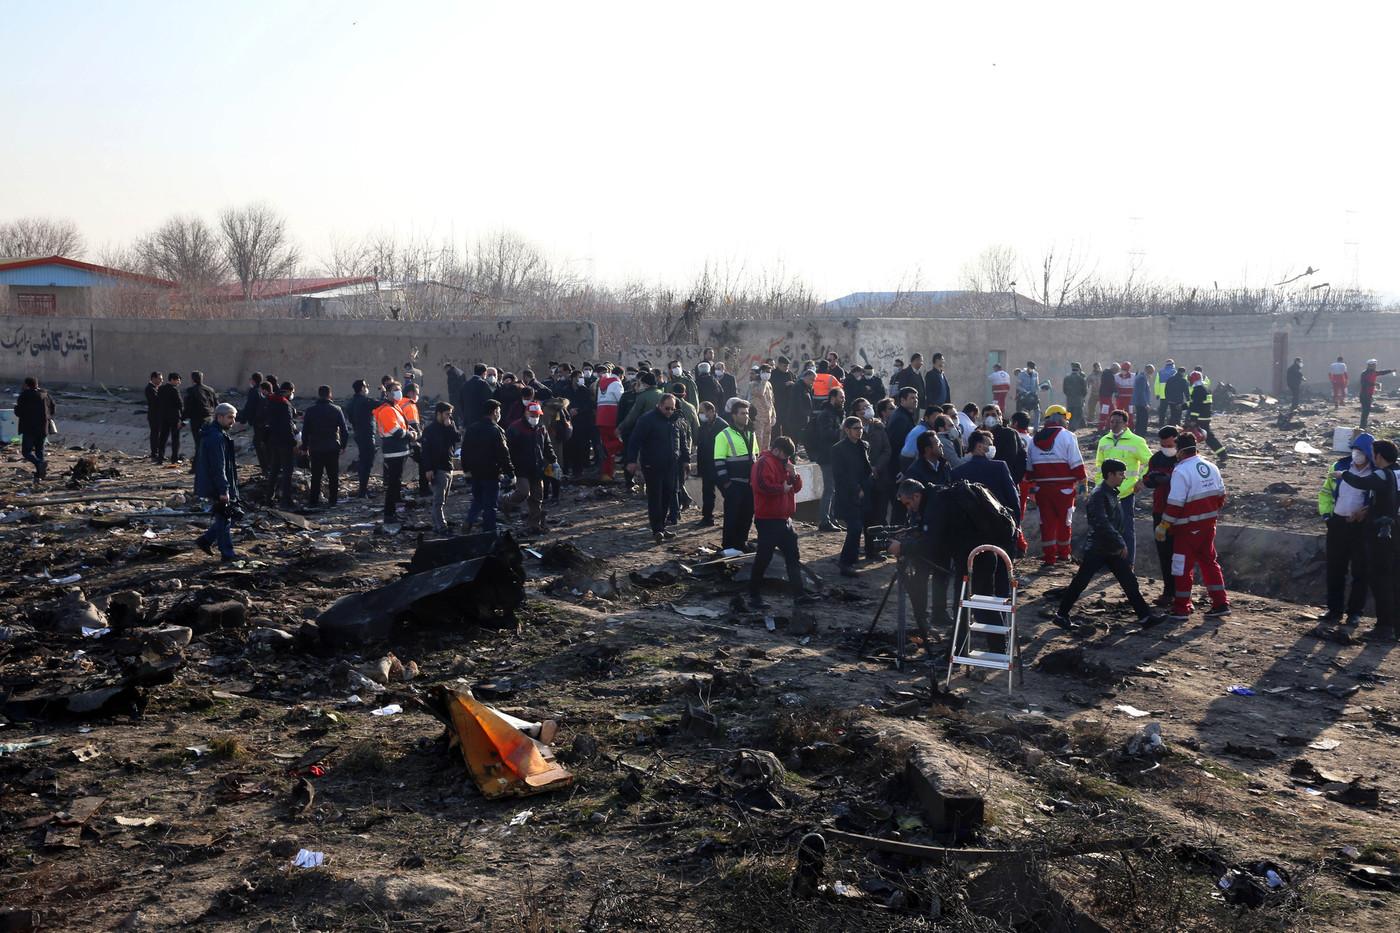 20 morts dans le crash d'un avion militaire en Ukraine